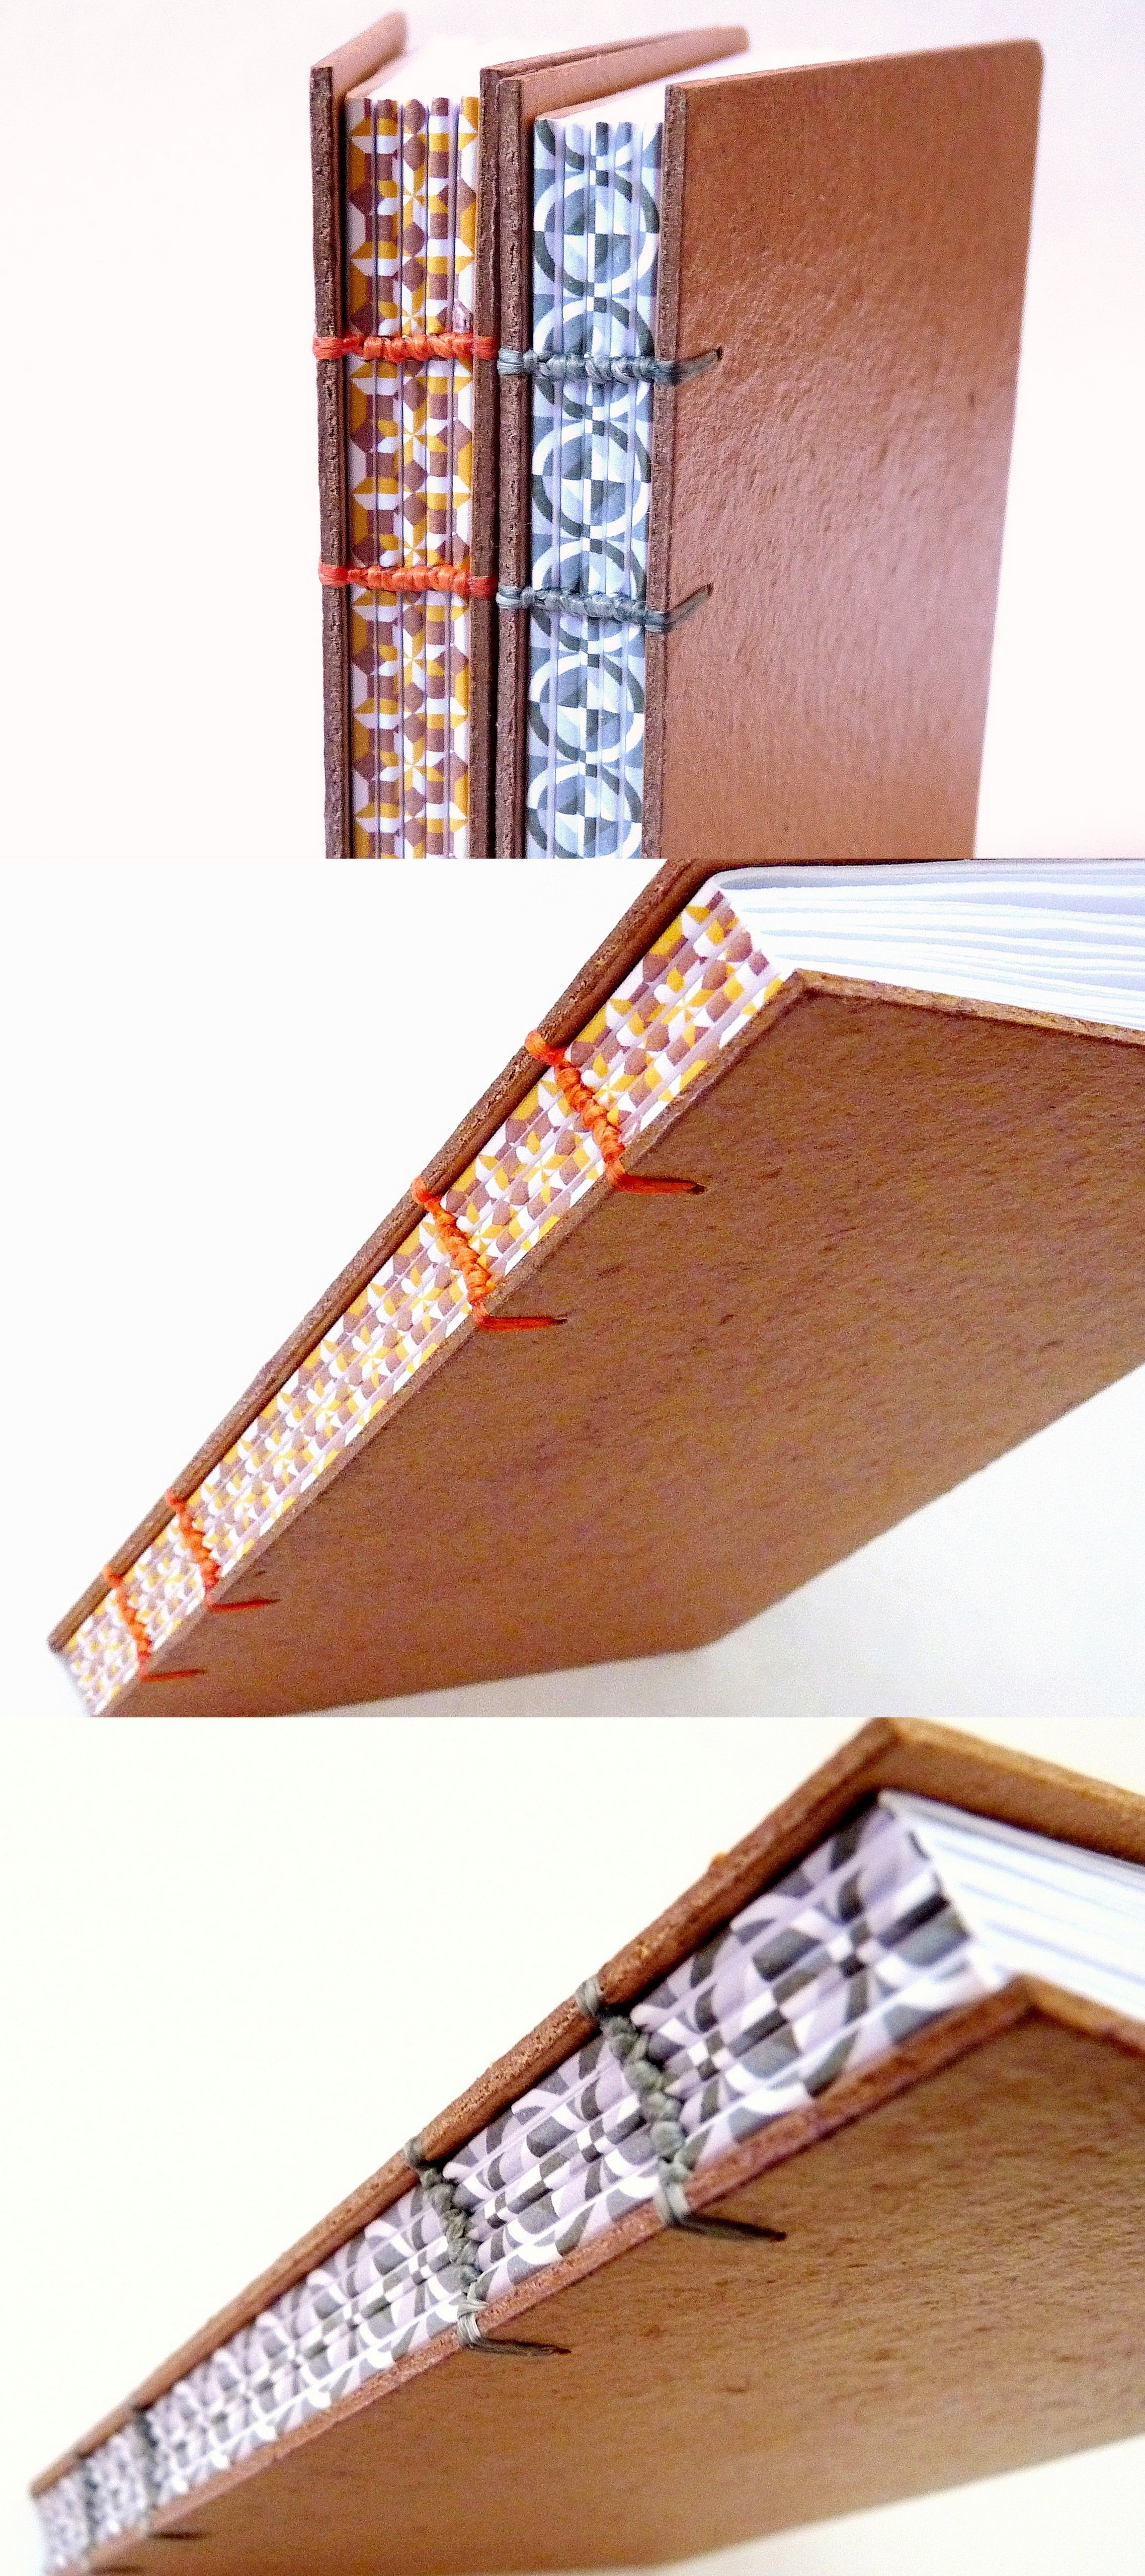 cadernos pequenos, encadernação copta, lombada impressa, no Canteiro de Alfaces